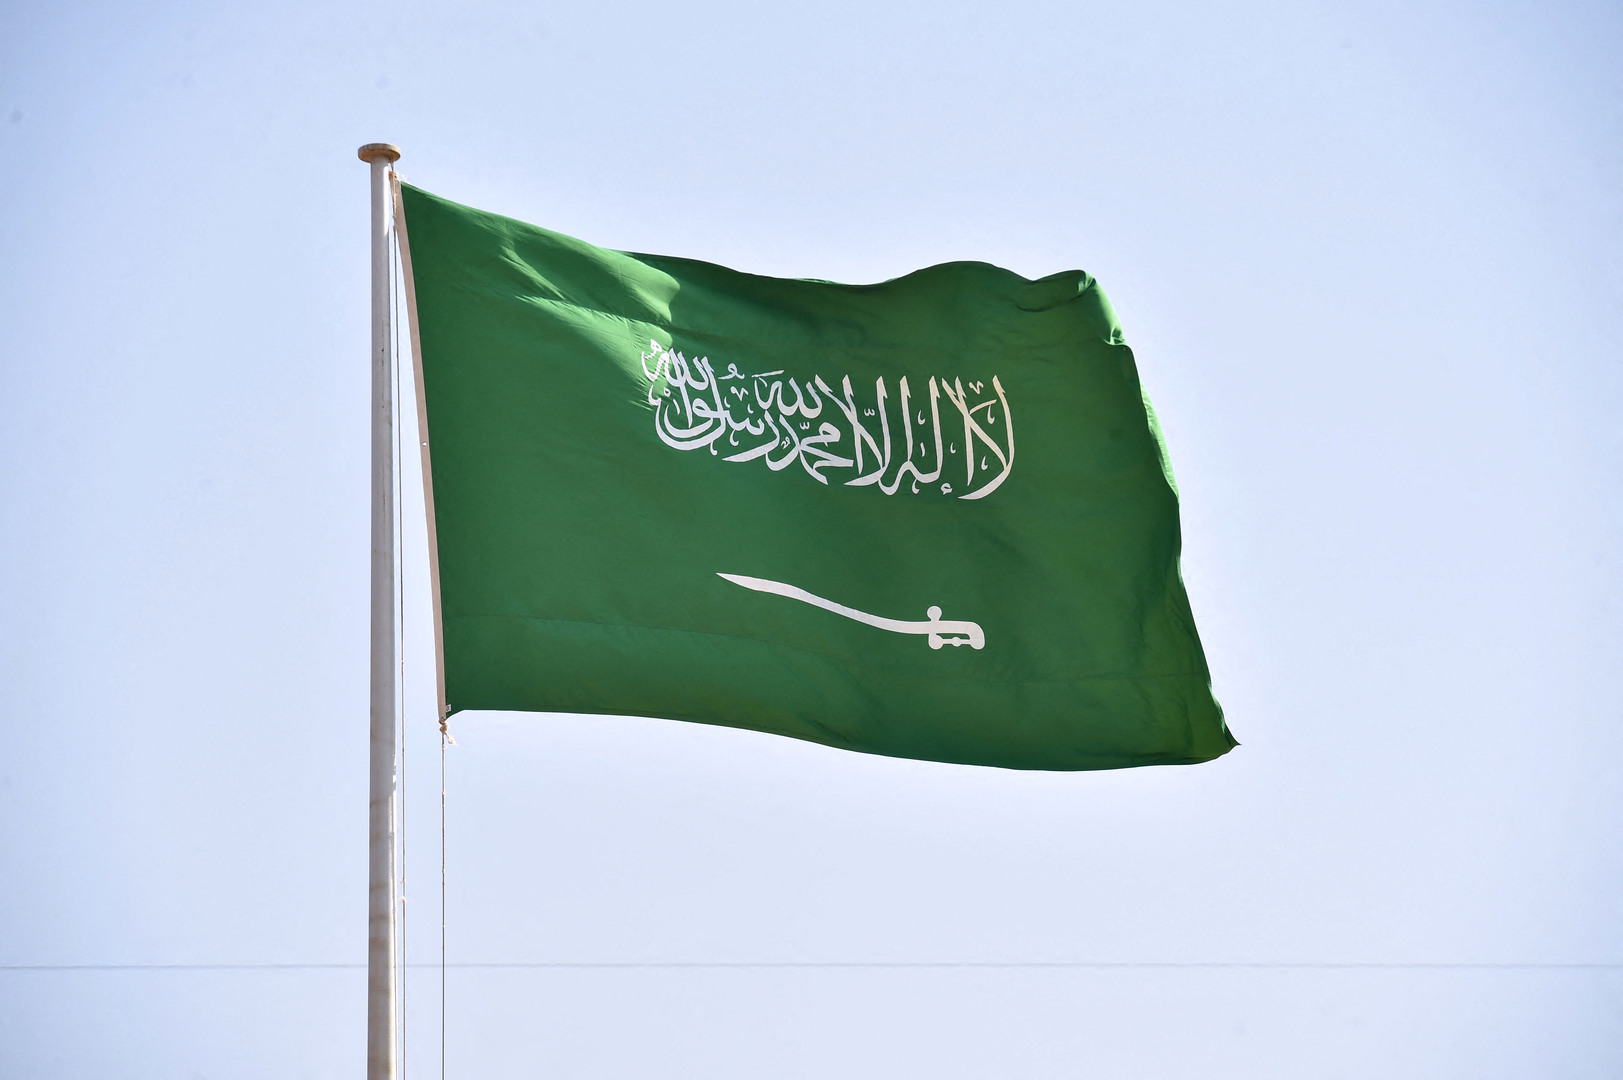 بلومبيرغ: السعودية عمّقت مؤخرا علاقاتها بدول في المنطقة كان الموقف من إيران يباعدها